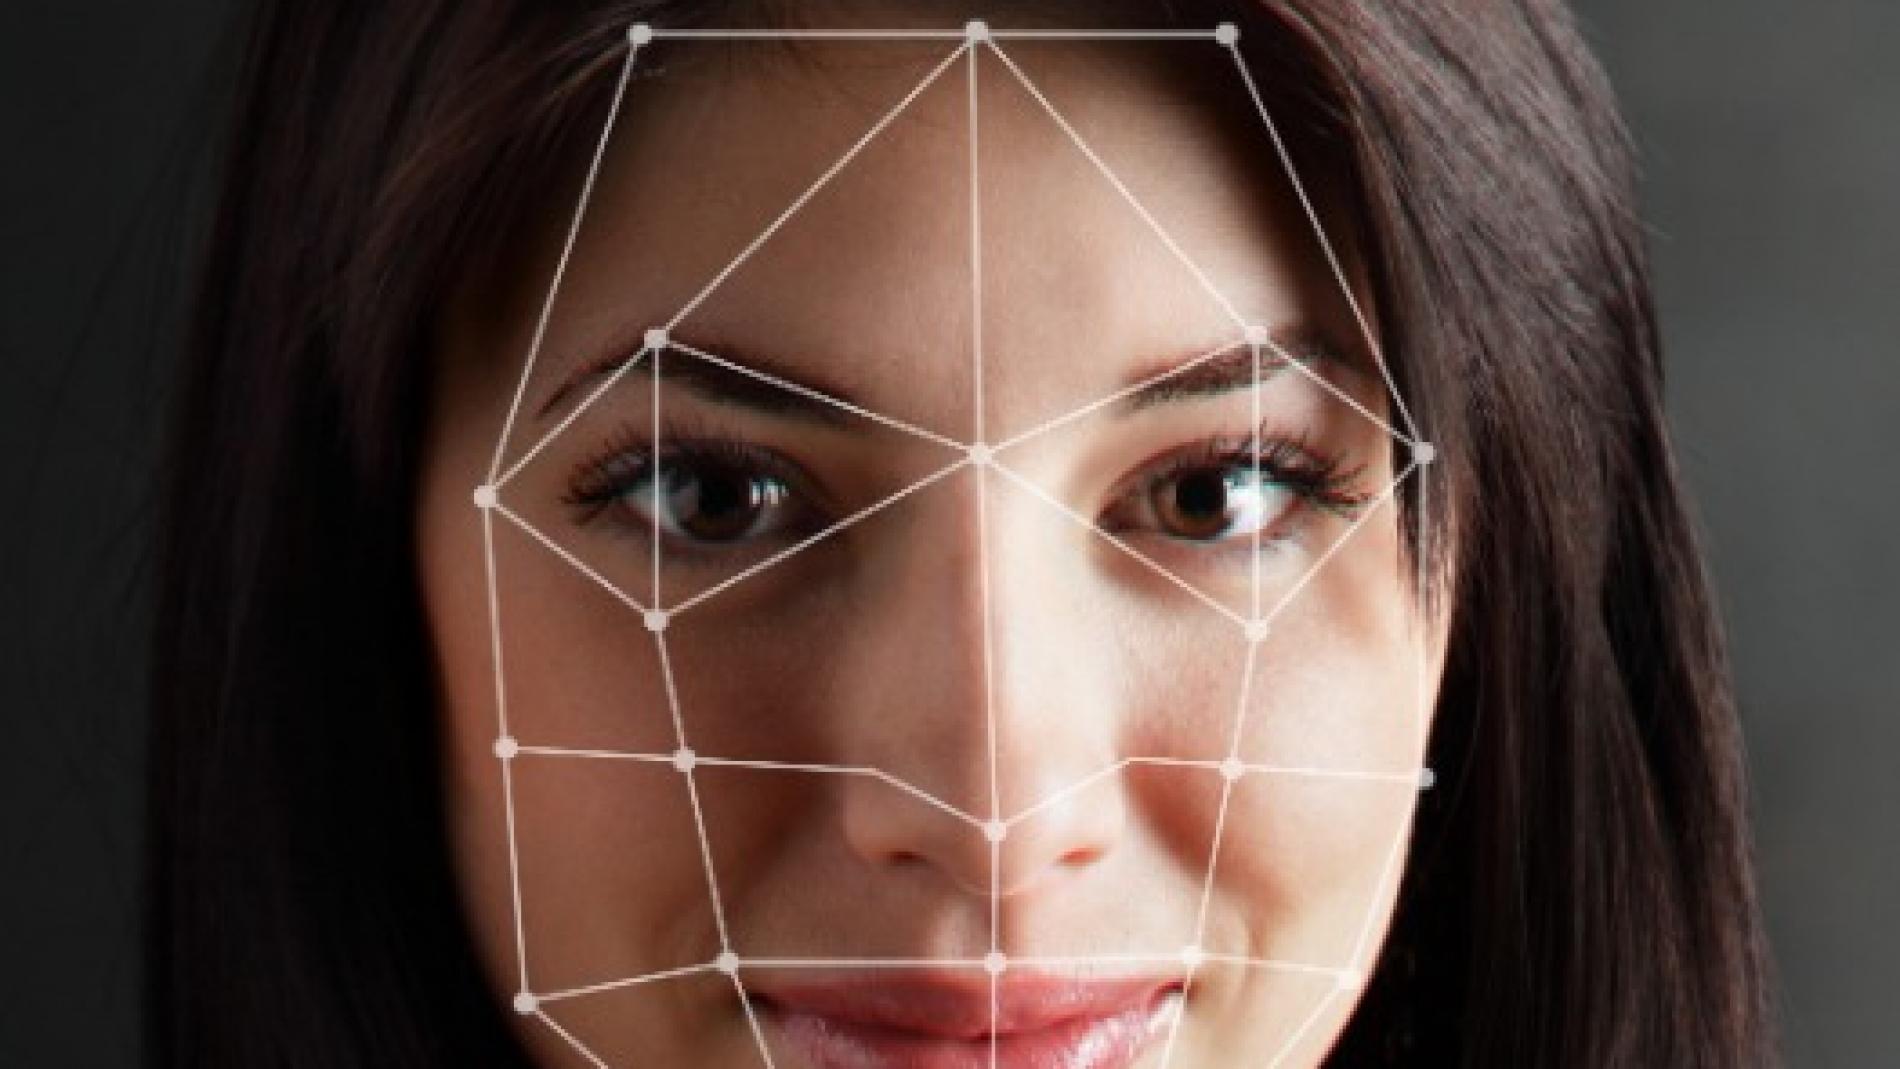 clinica de cirurgia plastica em santos harmonizaçao facial